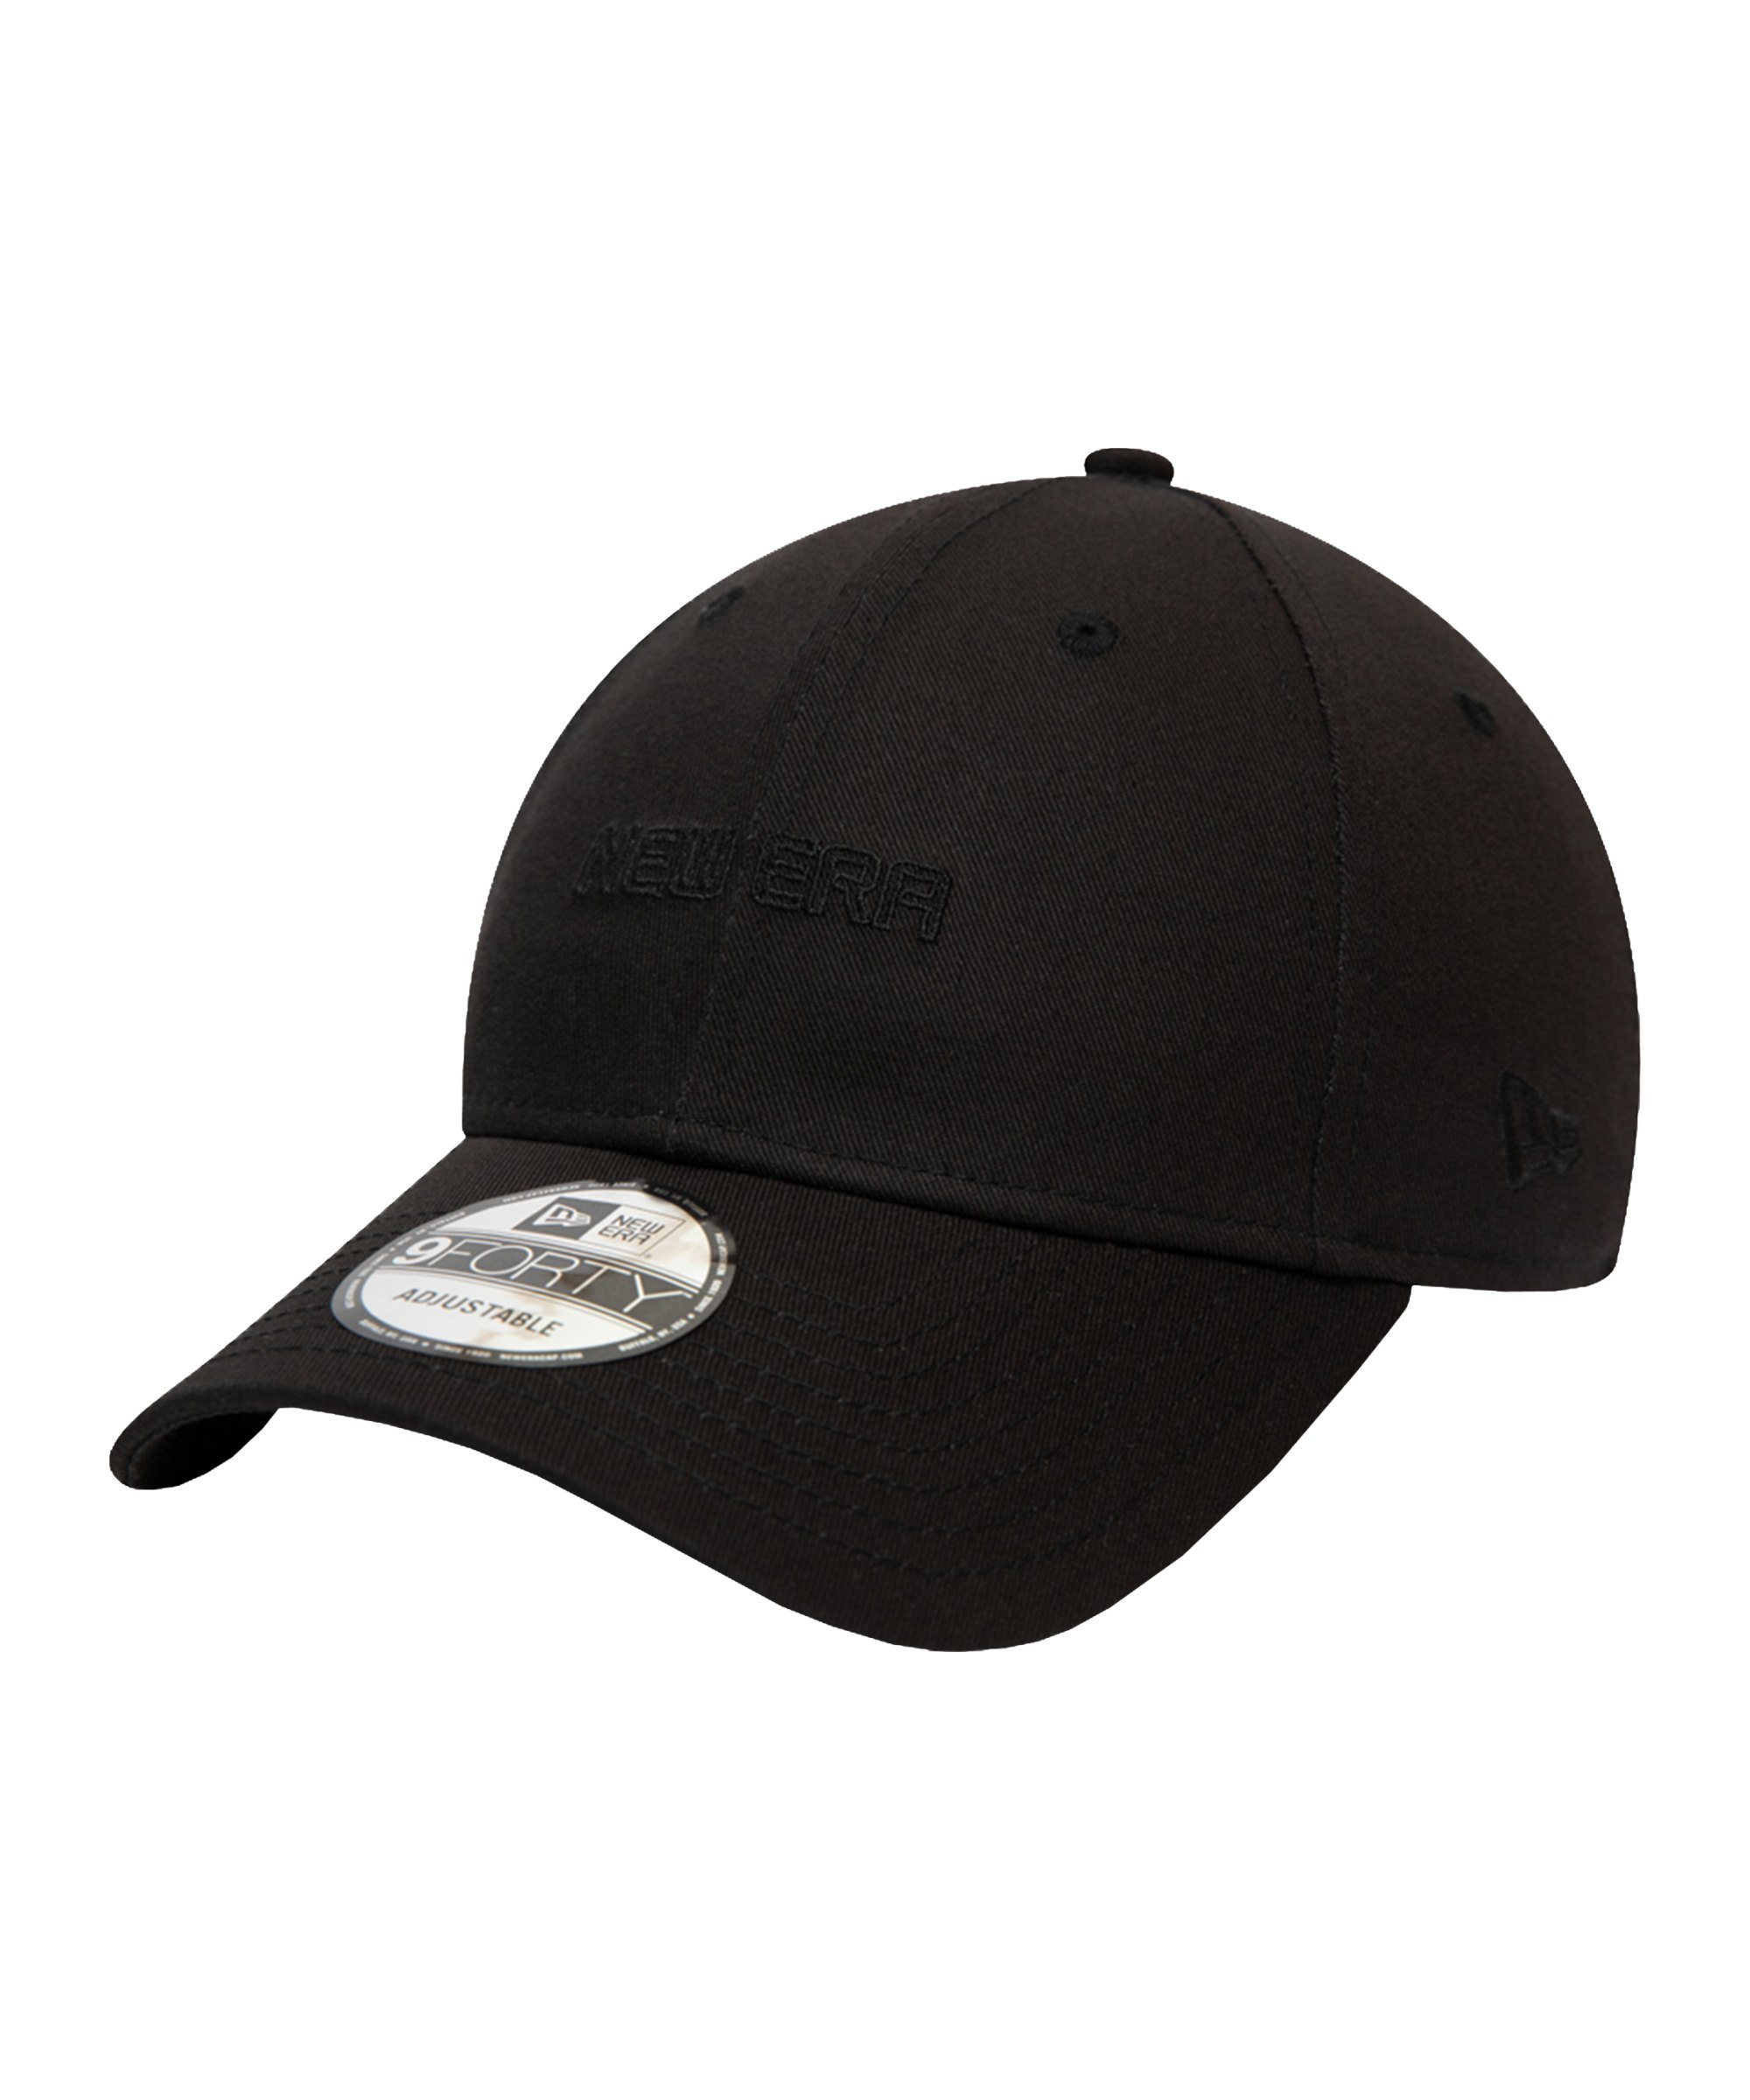 New Era Essential 9Forty Cap Schwarz FBLK - schwarz